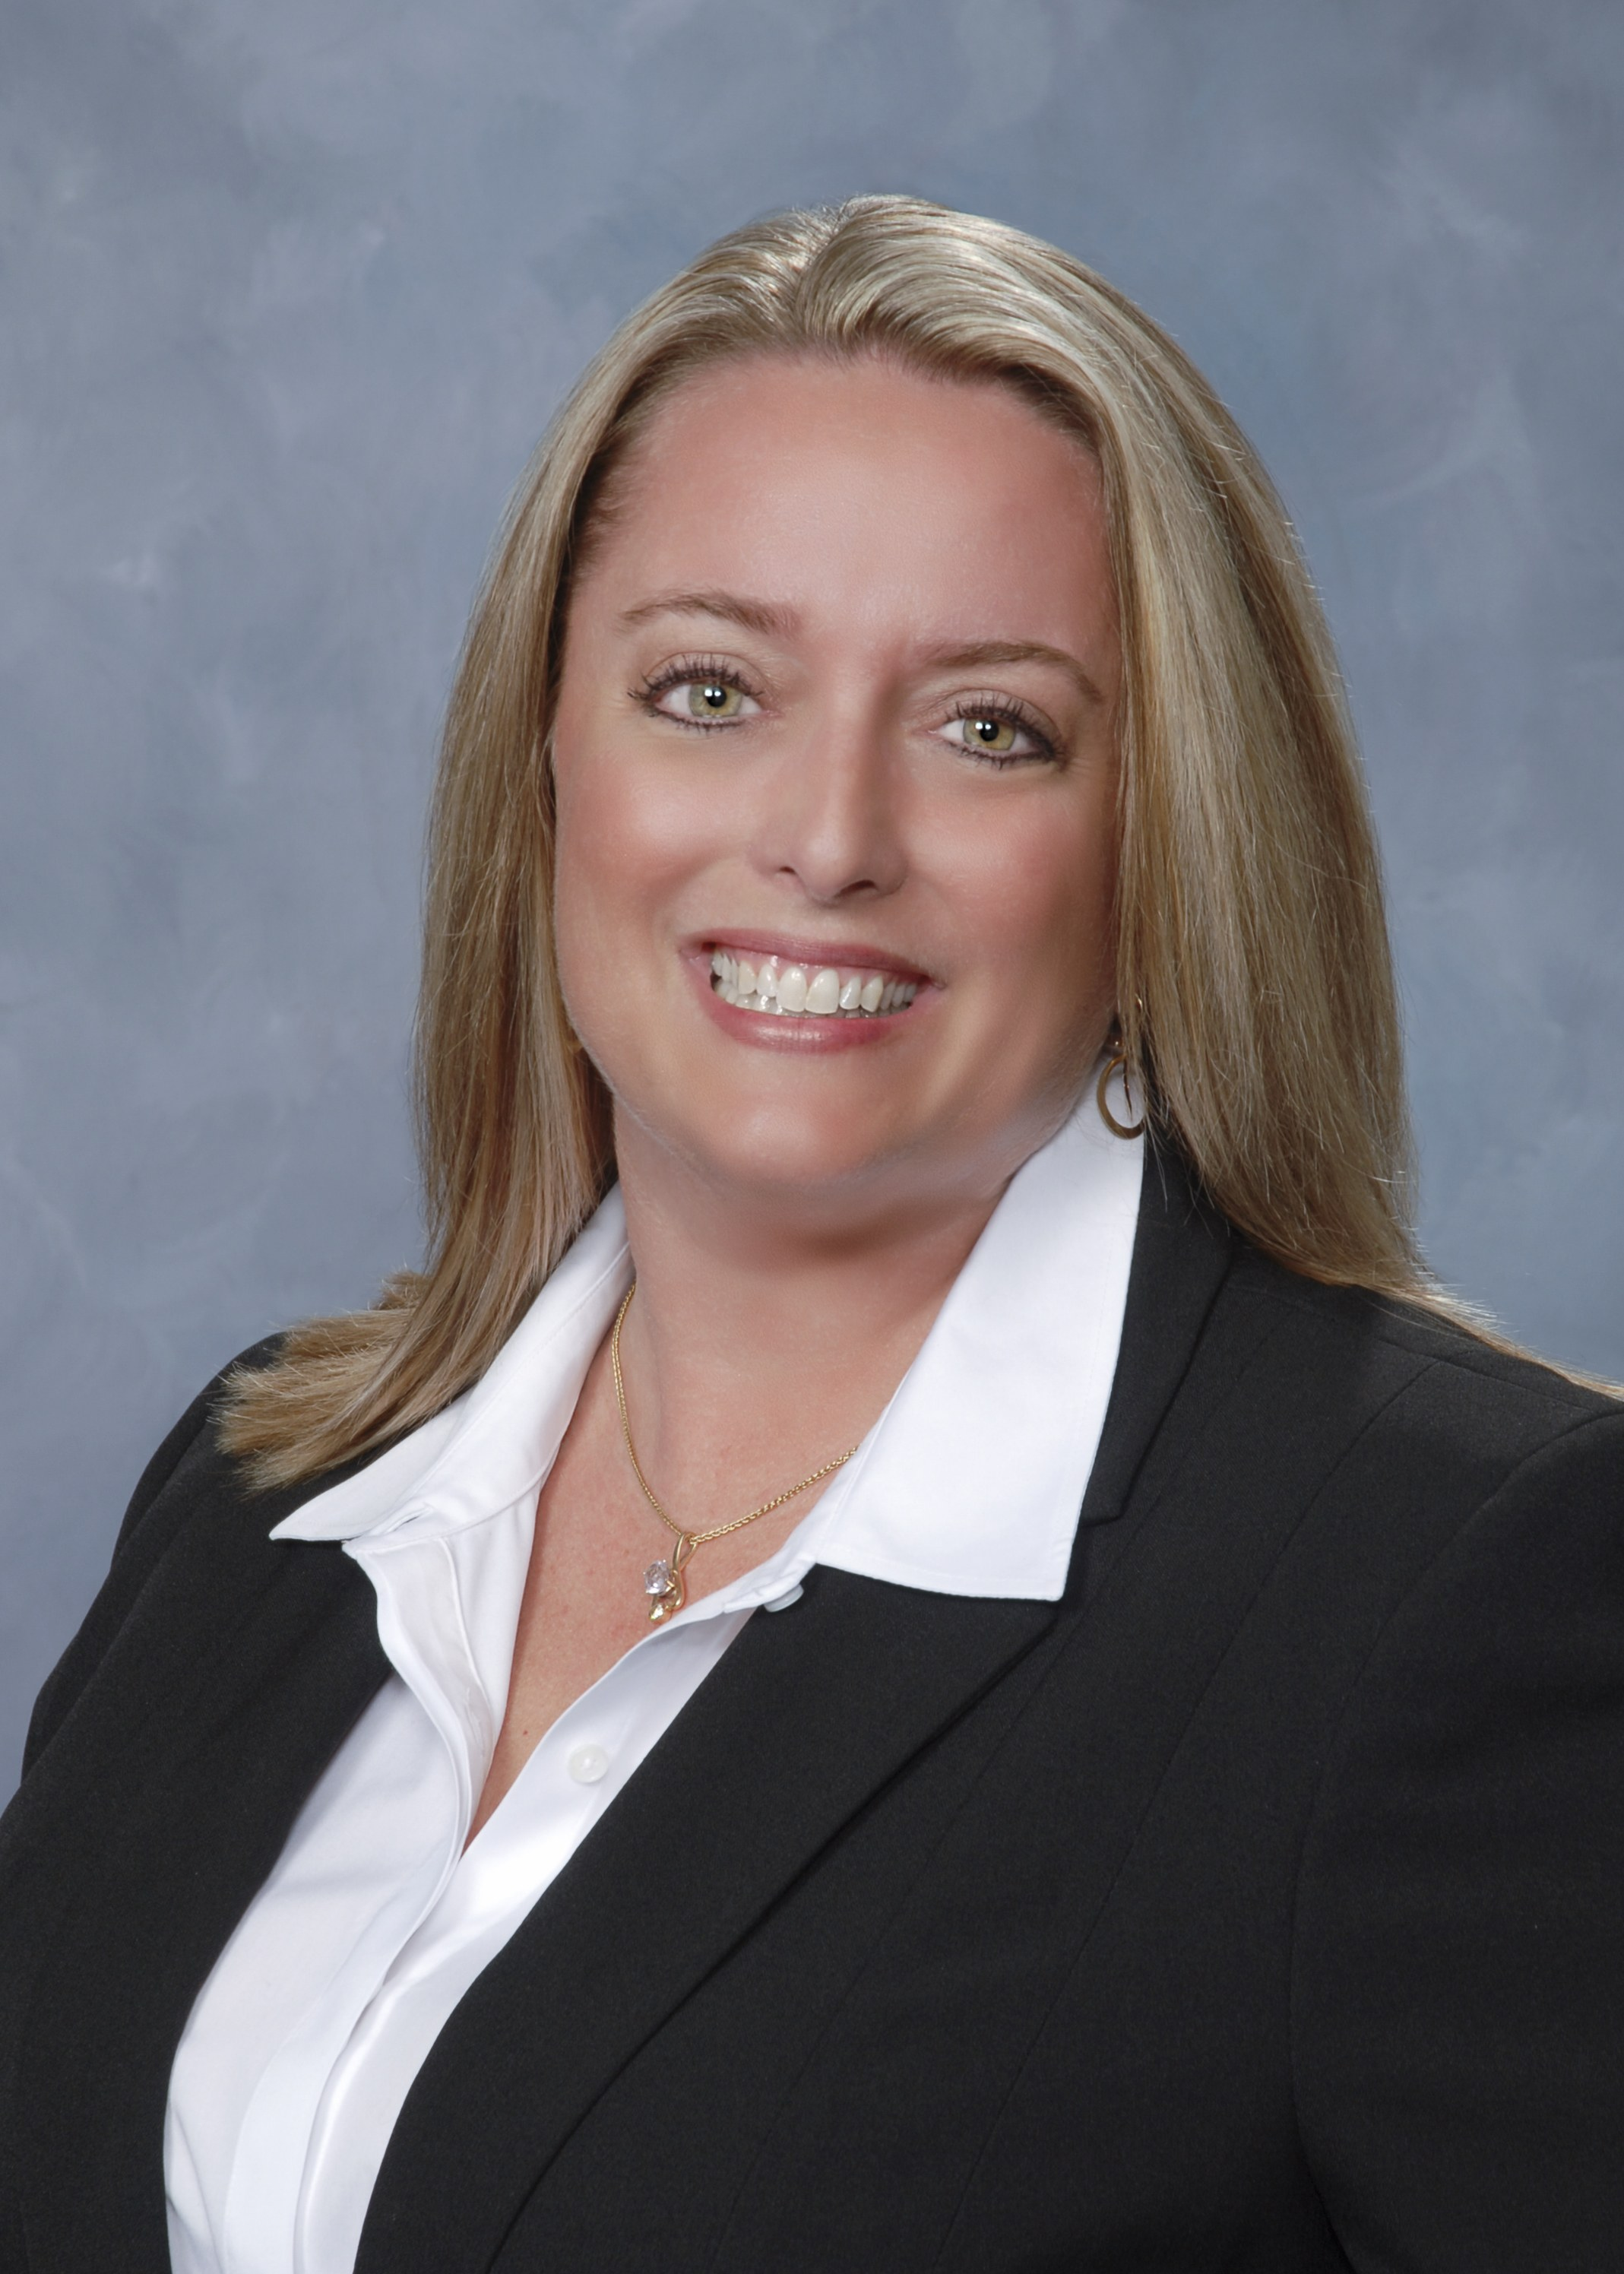 Deborah Goodrich Royce